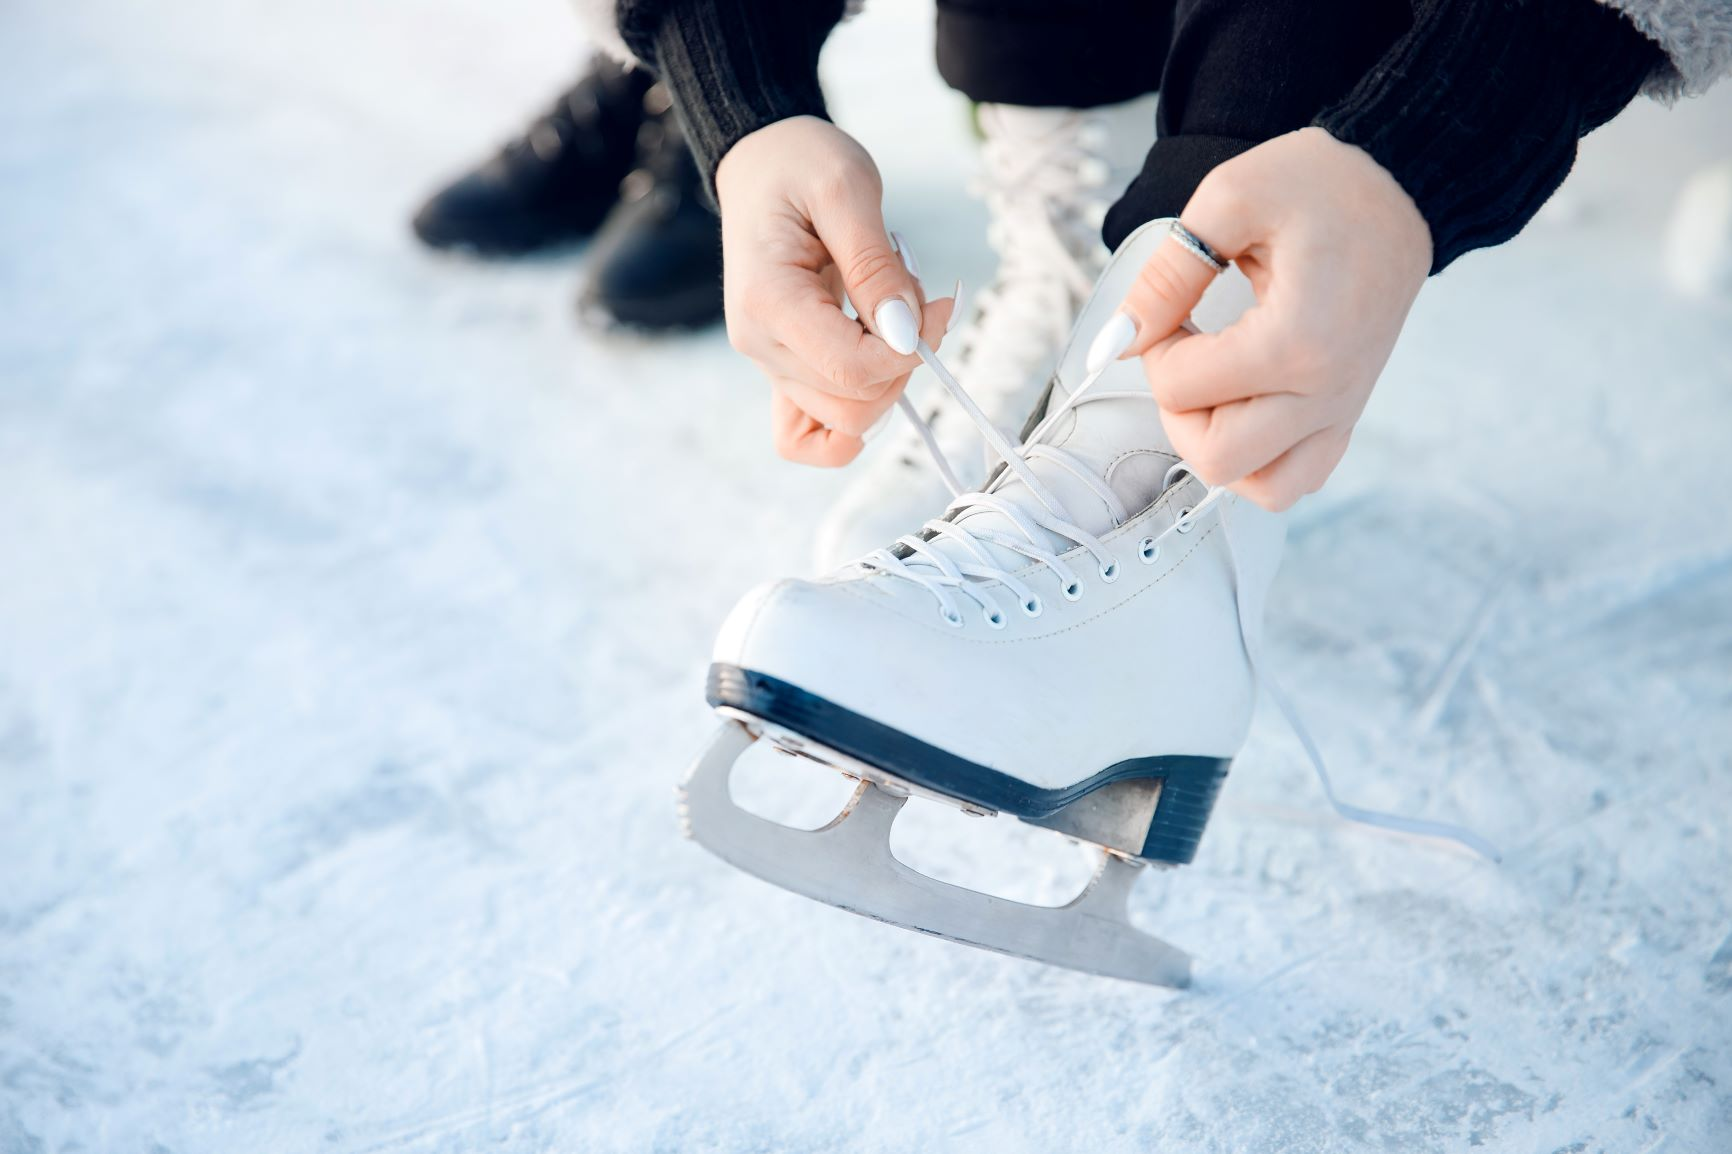 État de situation: activités sur les patinoires extérieures